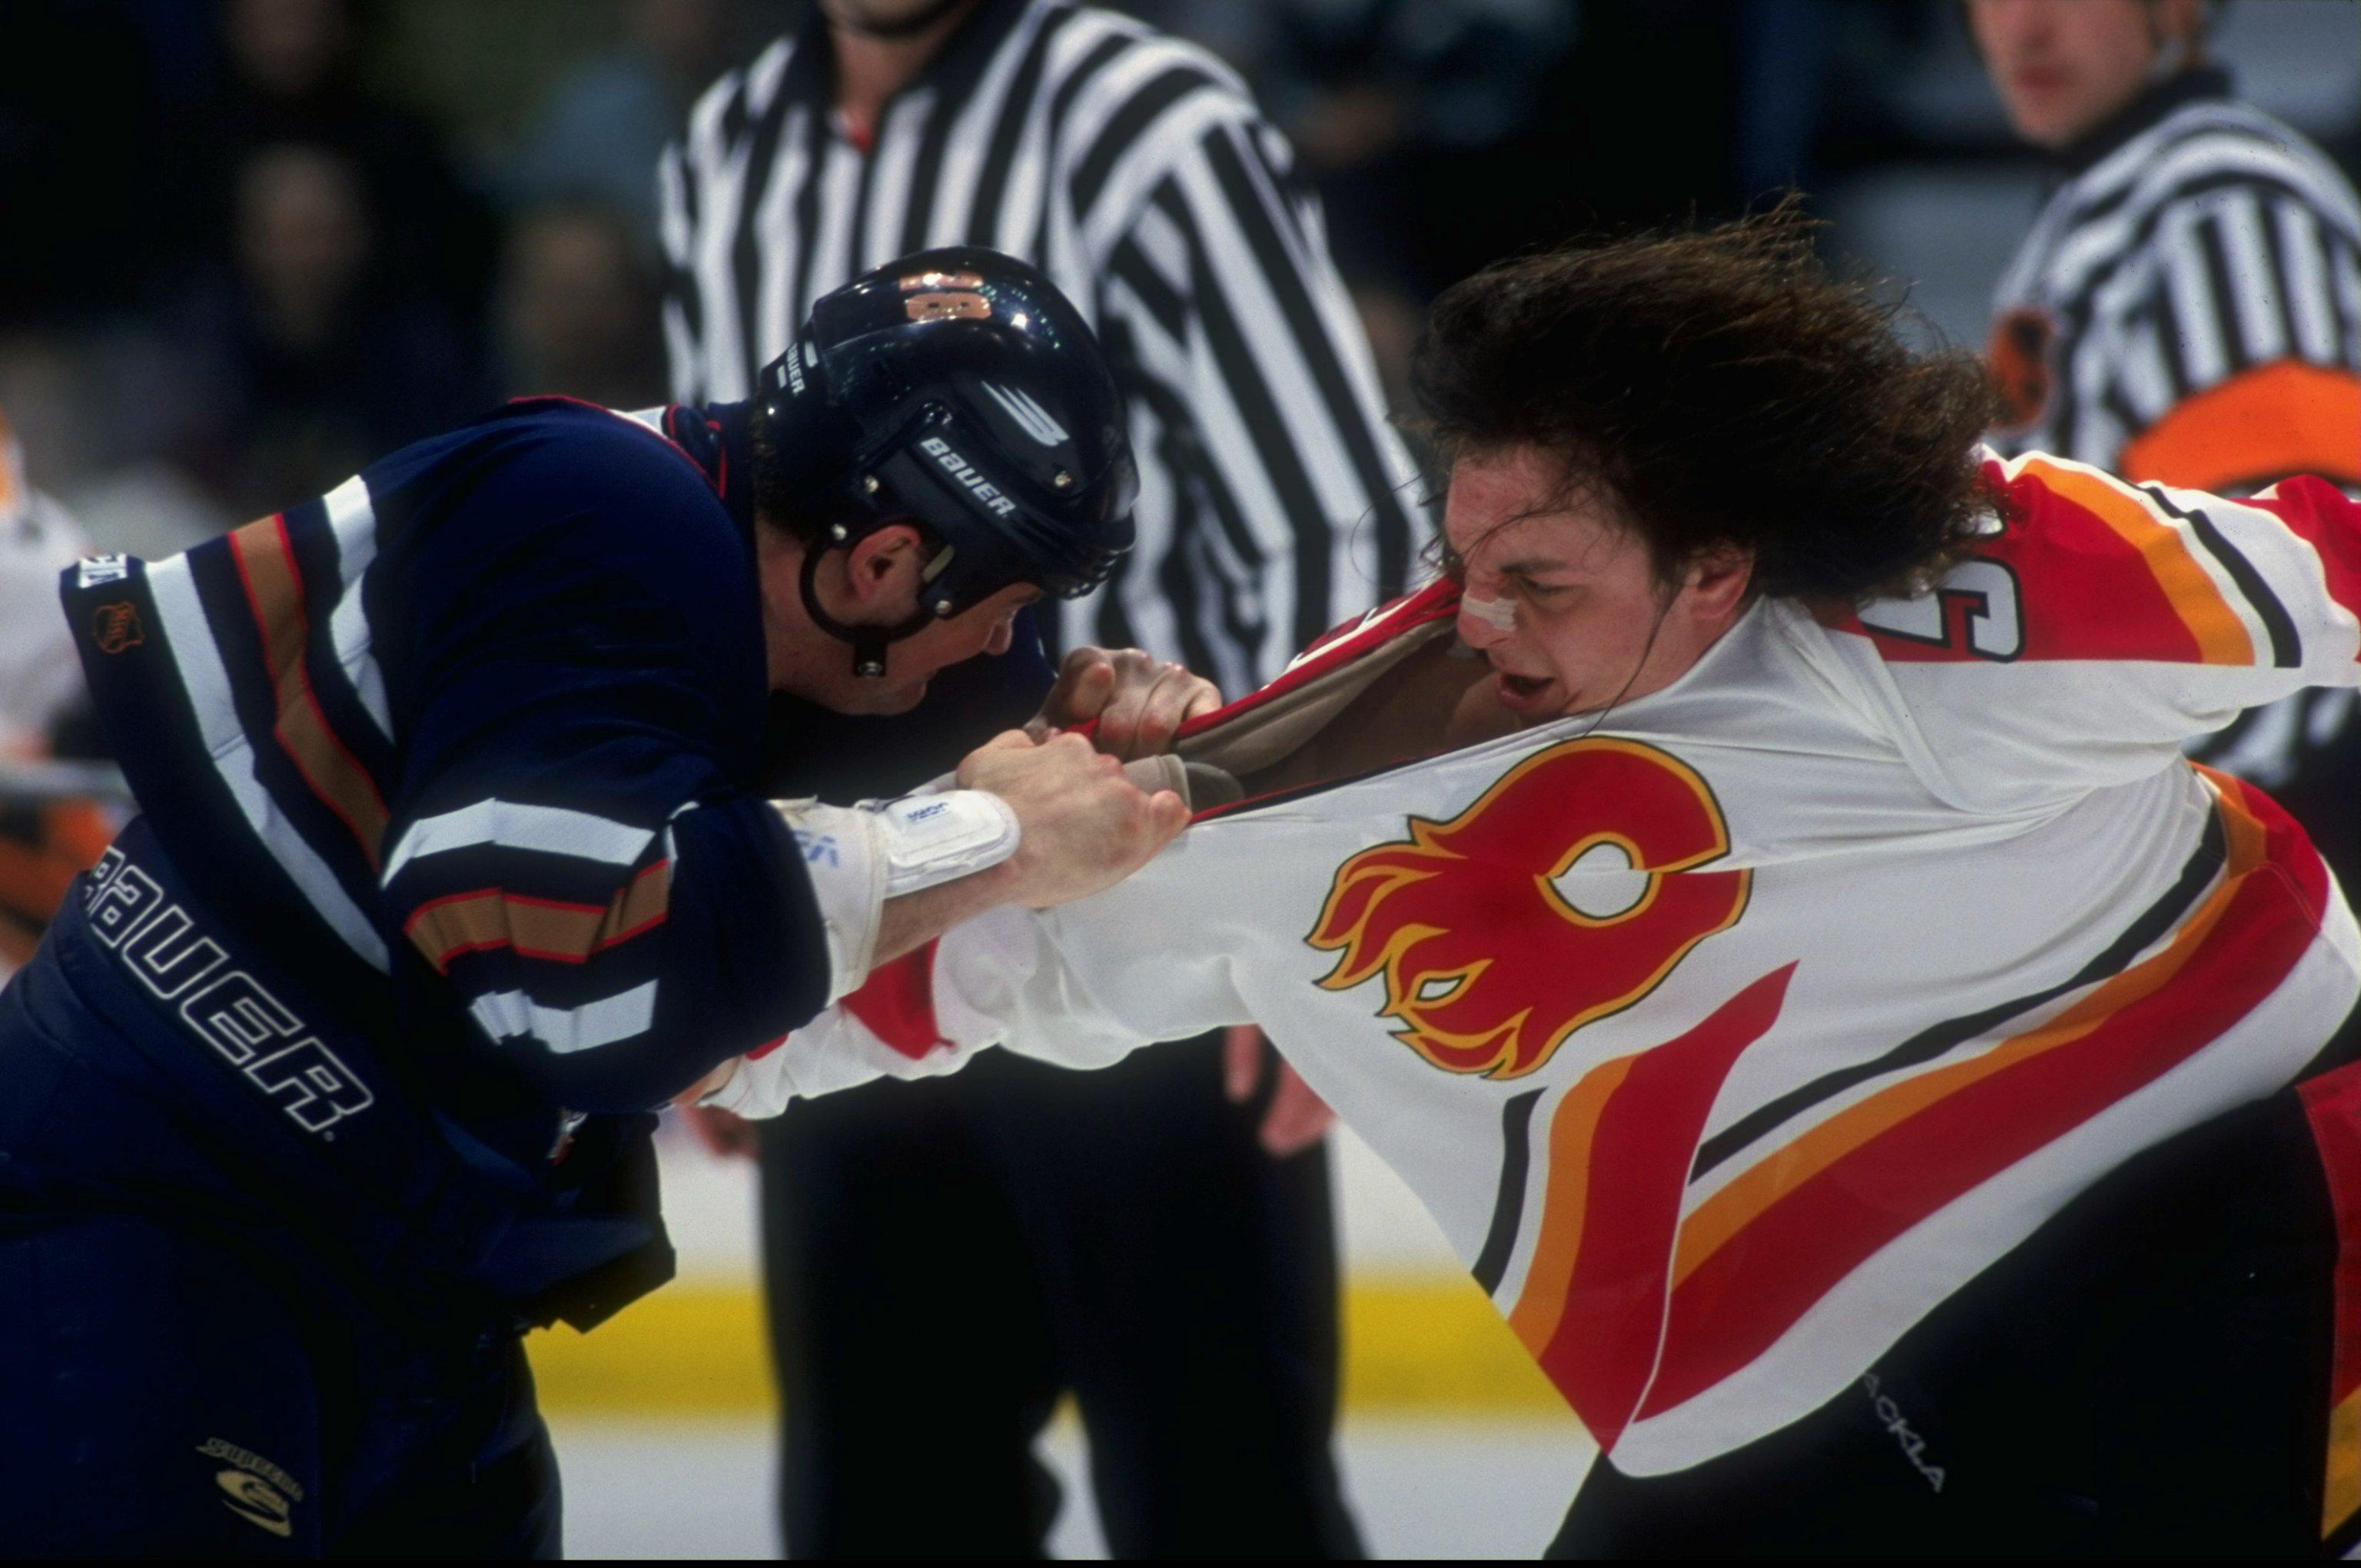 Calgary Flames vs. Edmonton Oilers in 1988